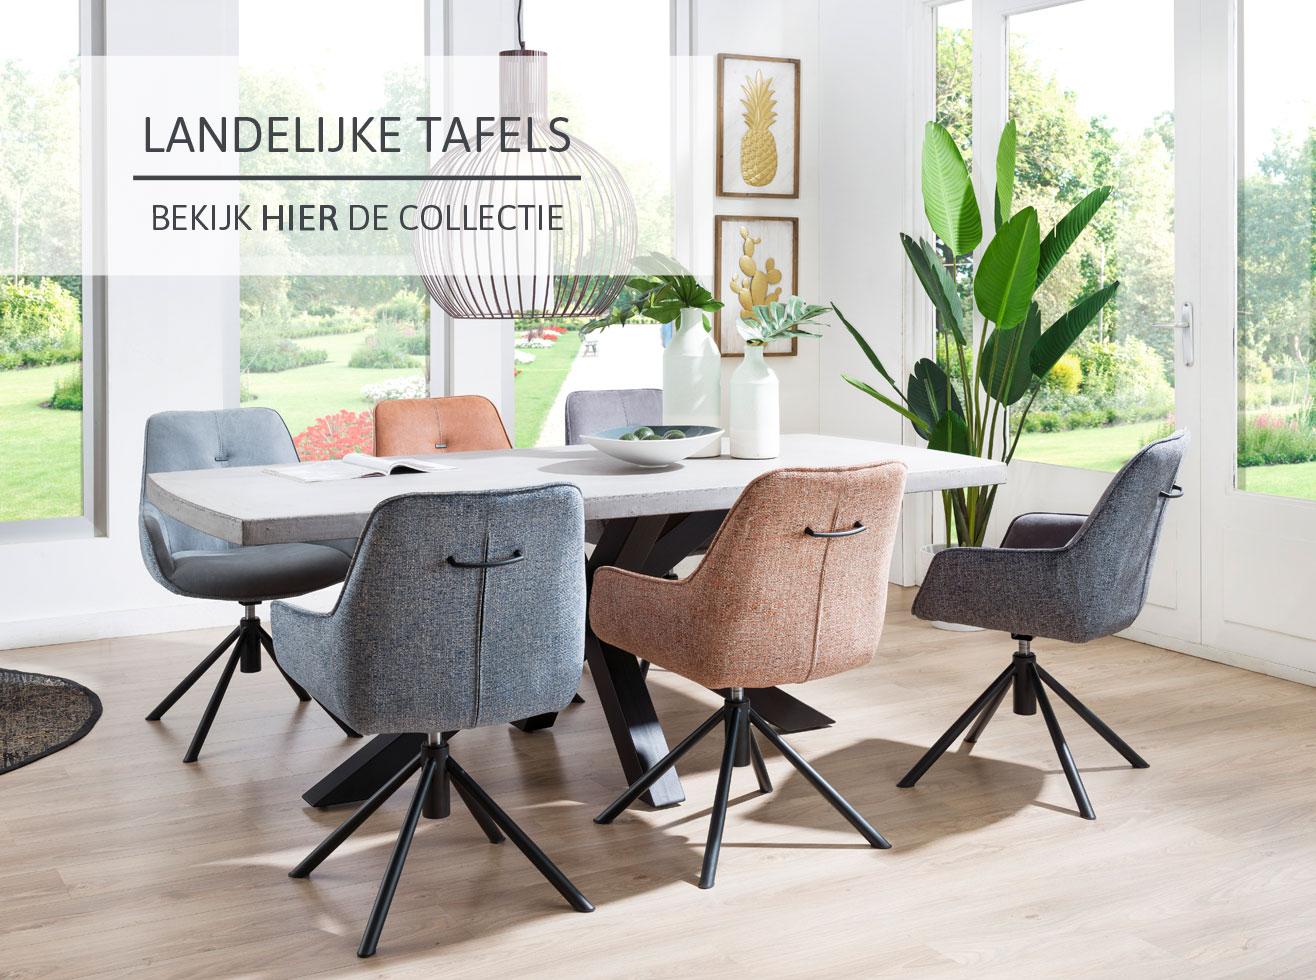 Landelijke tafels bij Home Center